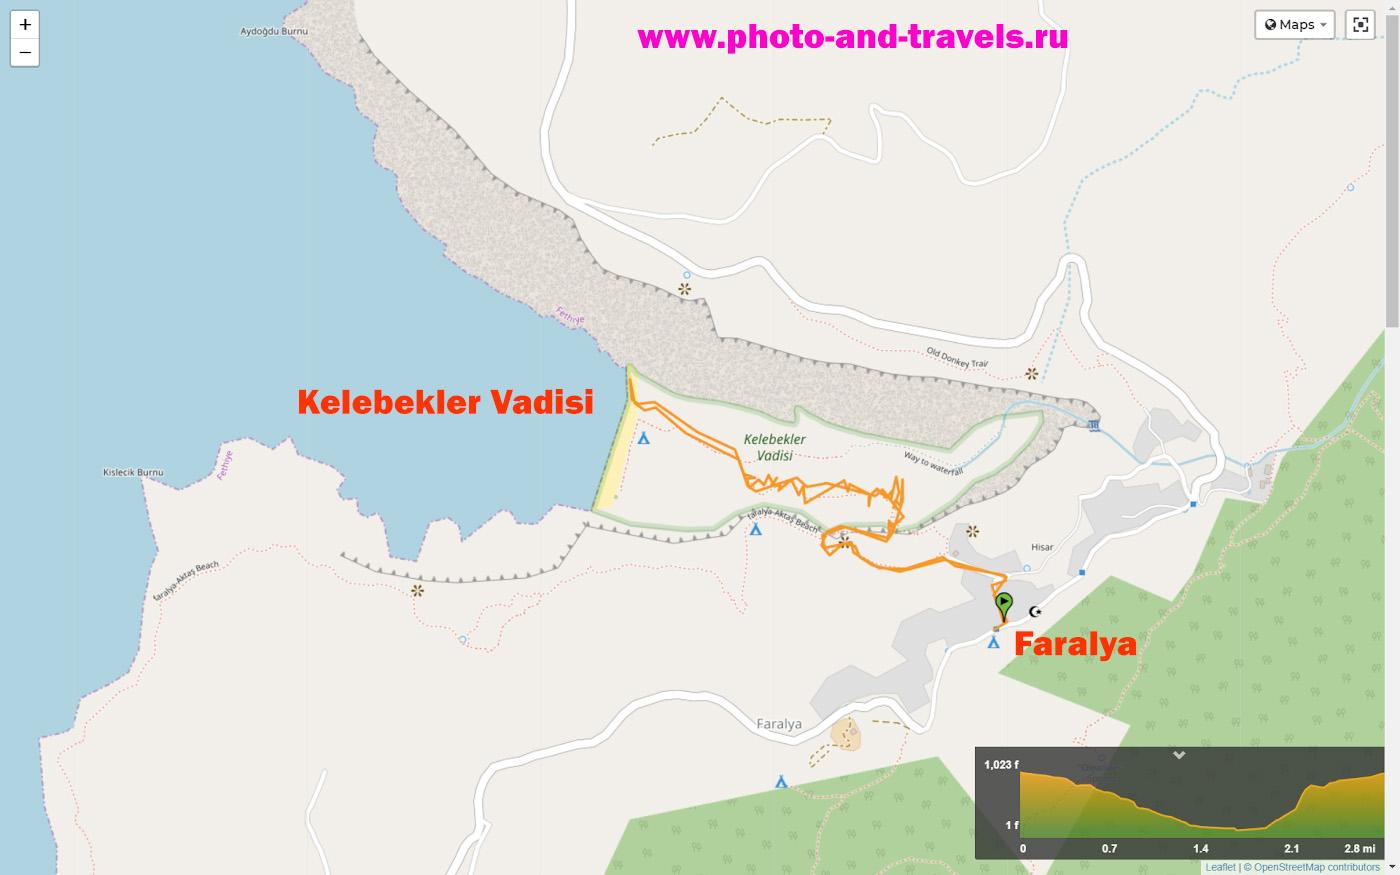 24. Карта короткого маршрута на Западной Ликийской тропе: как спуститься из поселка Фаралья в Долину бабочек (Kelebekler Vadisi).